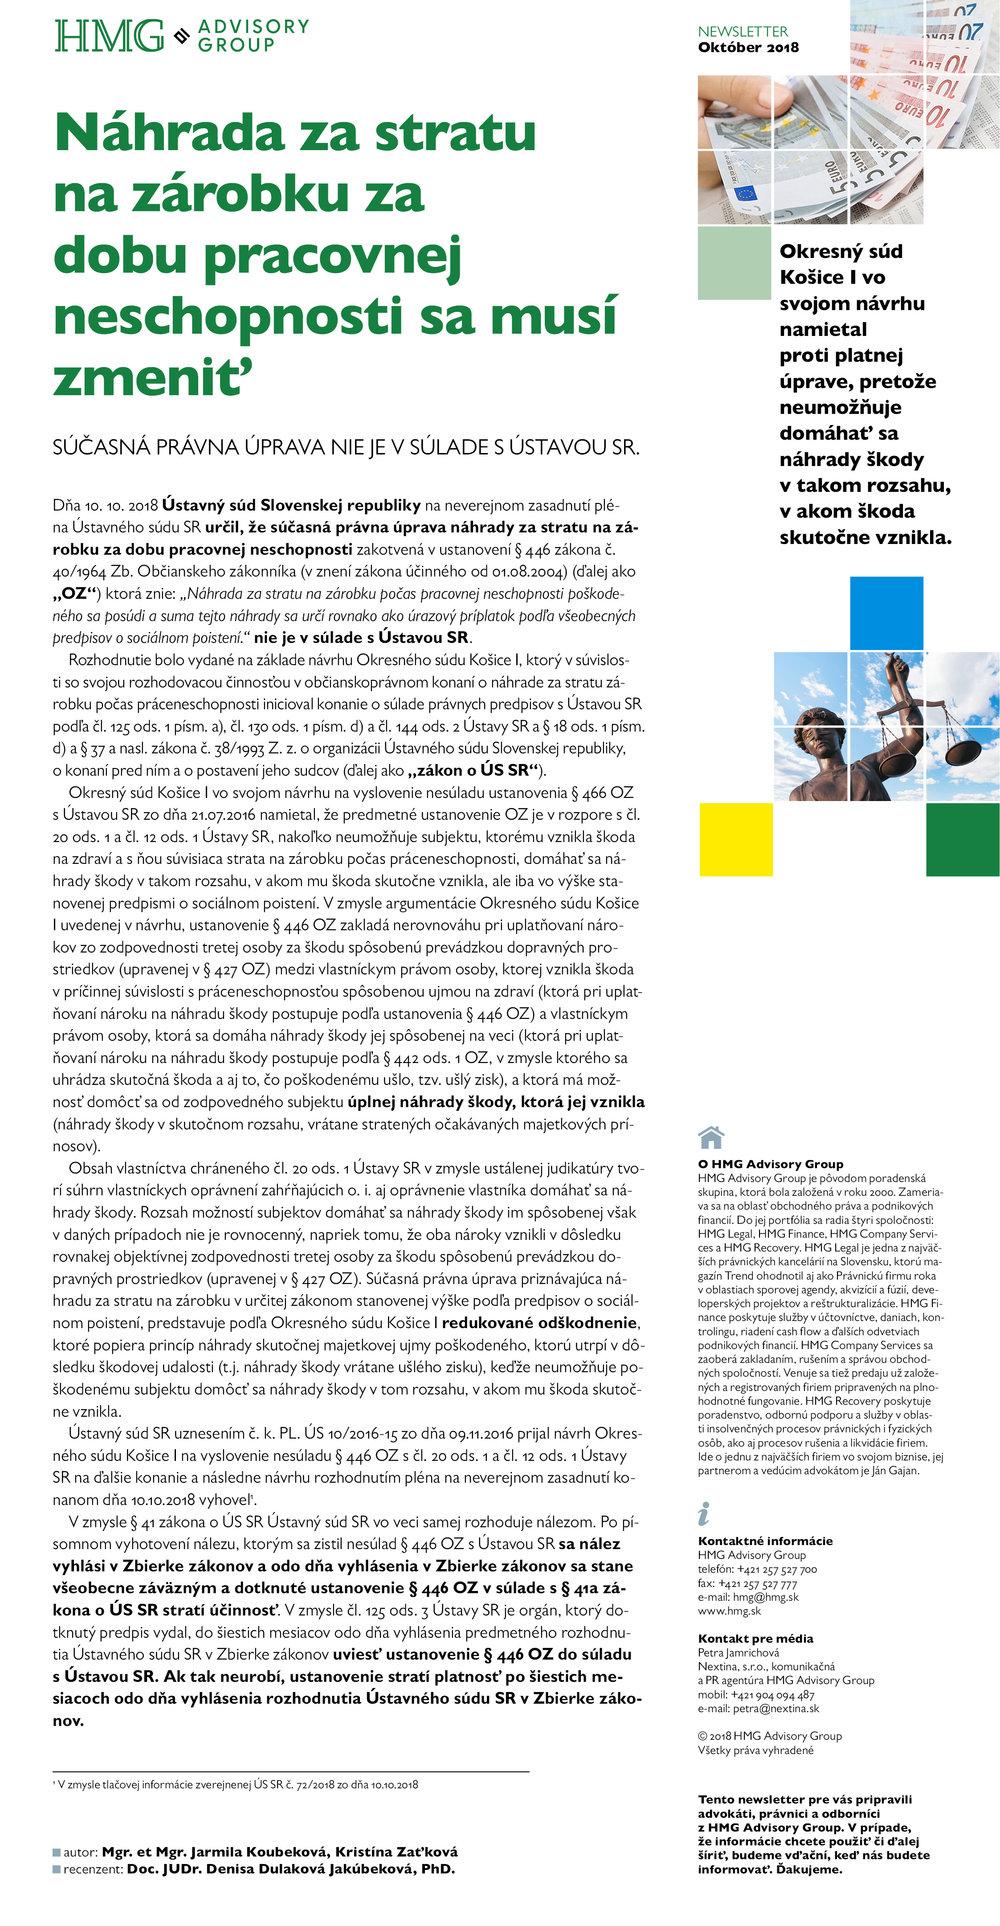 HMG_newsletter_stratu zarobku1.jpg